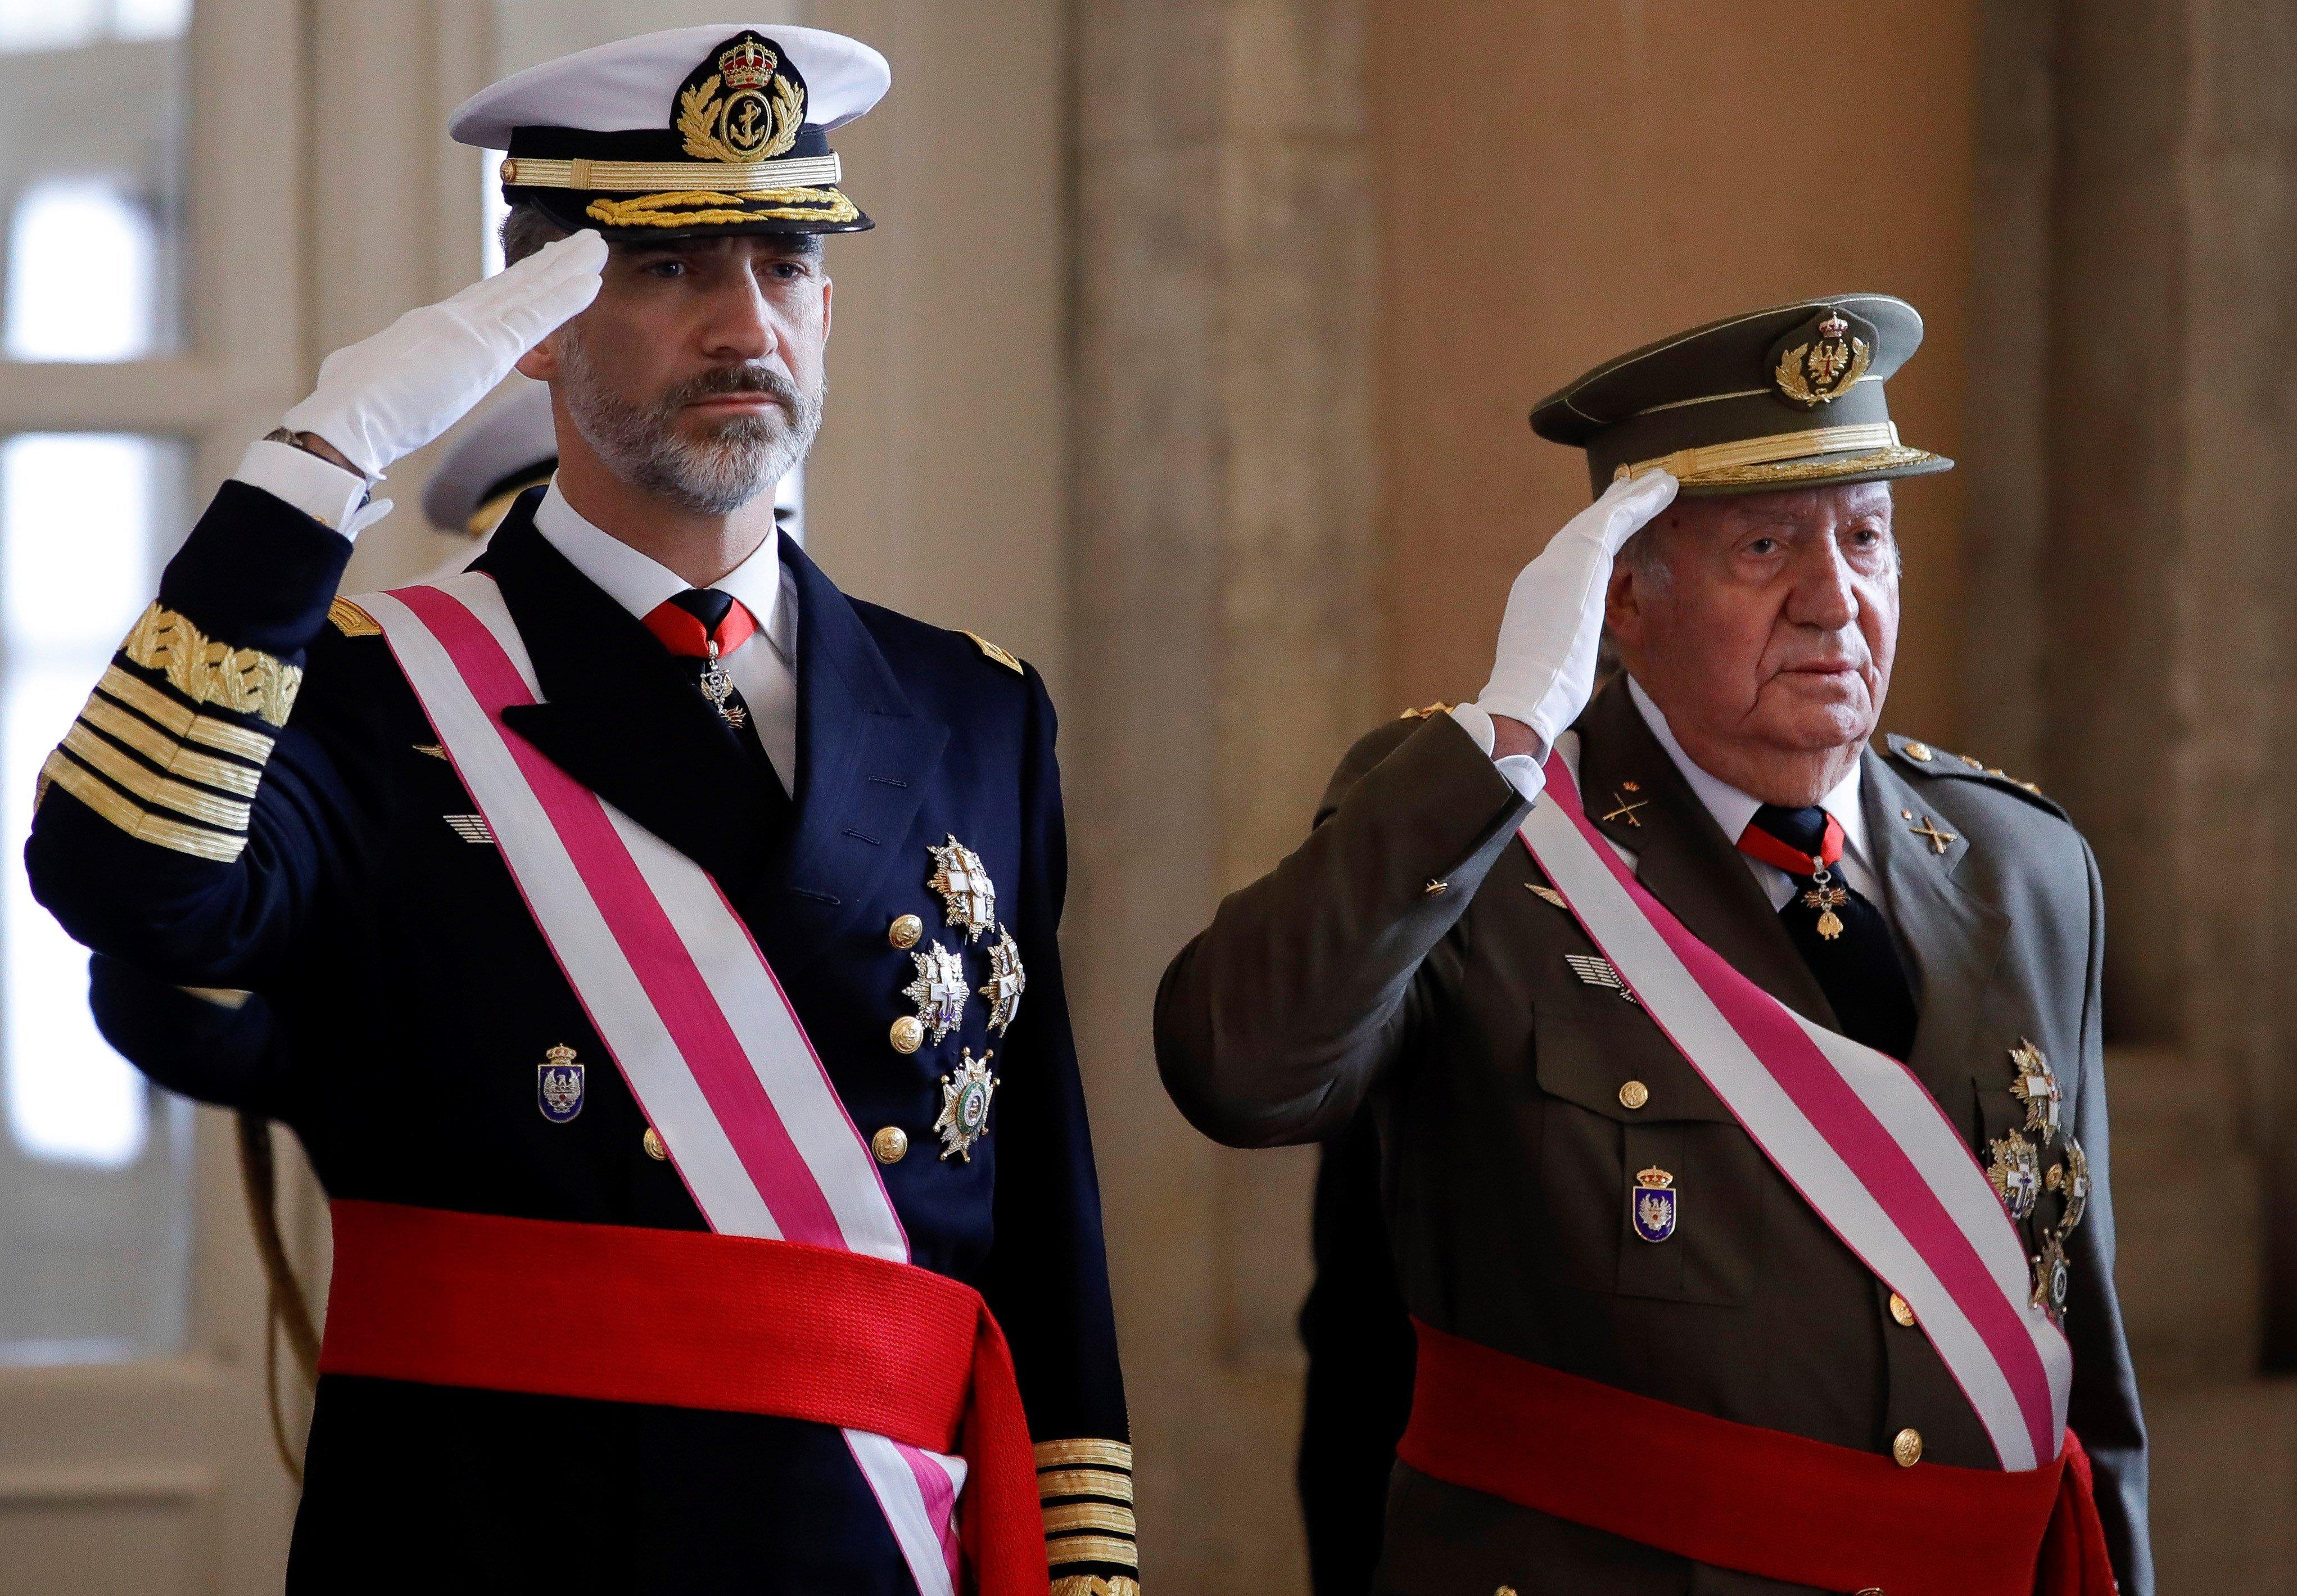 A spanyol király megvonta a költségvetési támogatást az offshore-botrányba keveredett apjától